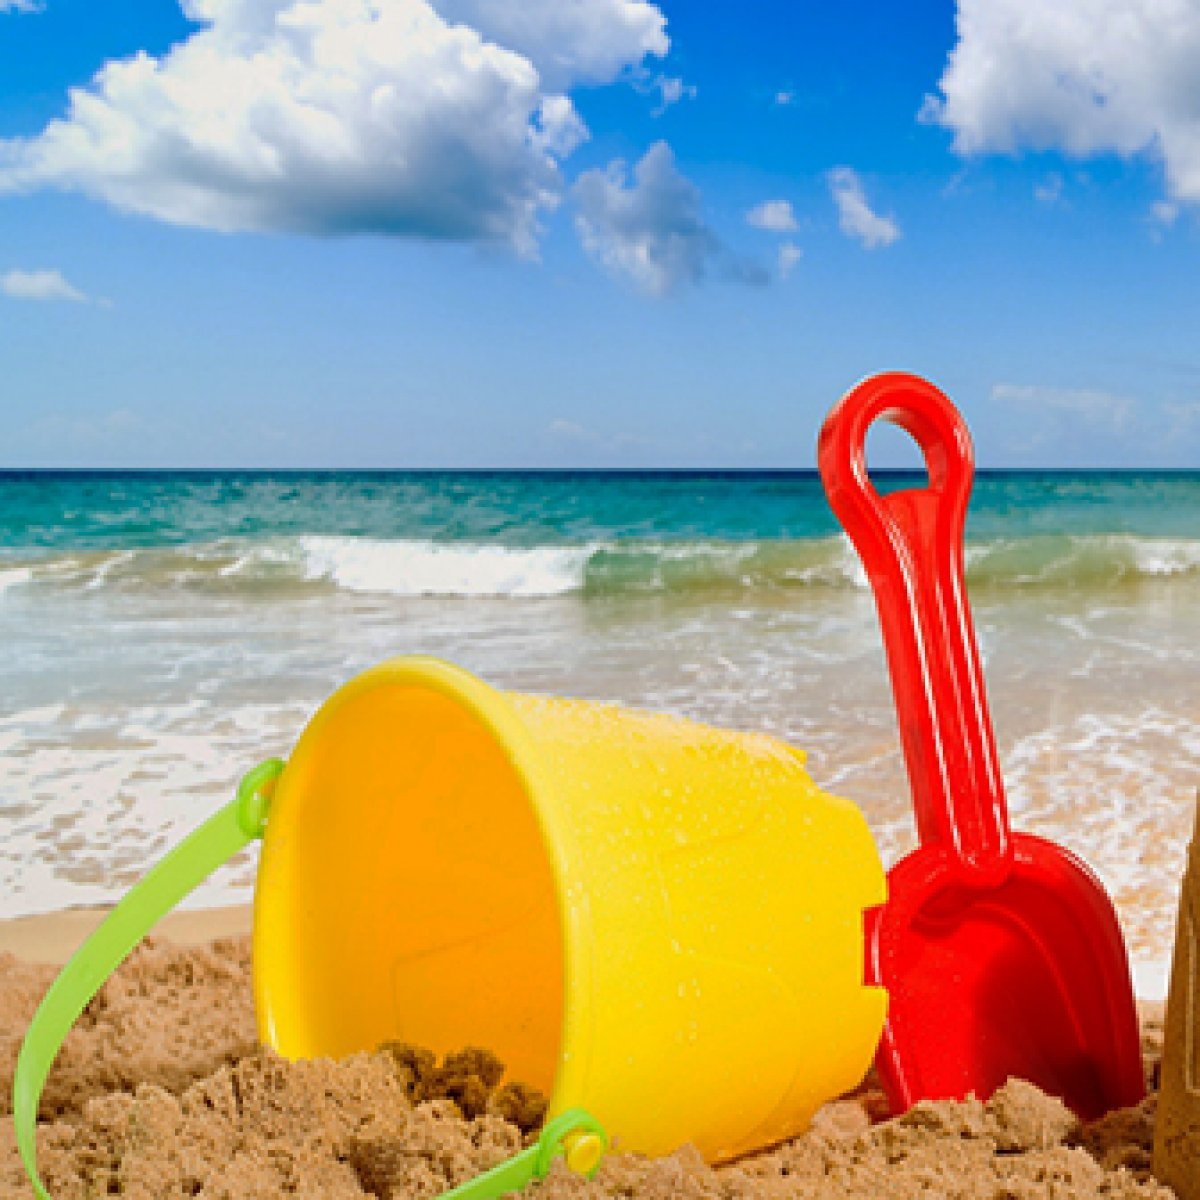 Κουβαδάκια παραλίας - Νεροπίστολα - Ρακέτες | Mymegamarket.gr